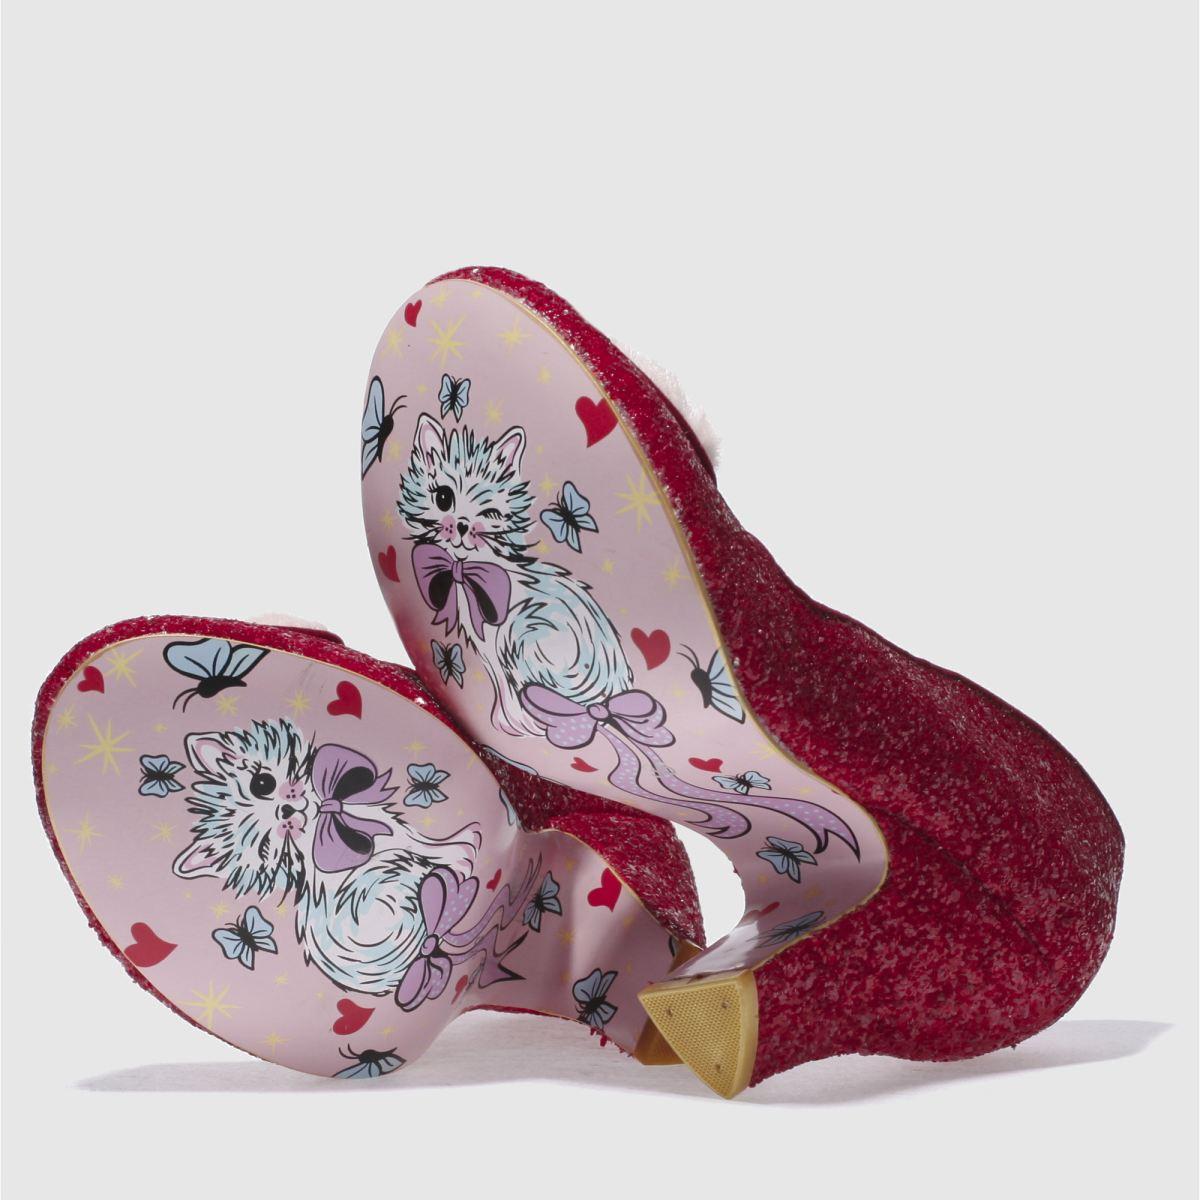 Damen Rot irregular choice High Love Me Not Glitter High choice Heels | schuh Gute Qualität beliebte Schuhe c26c42